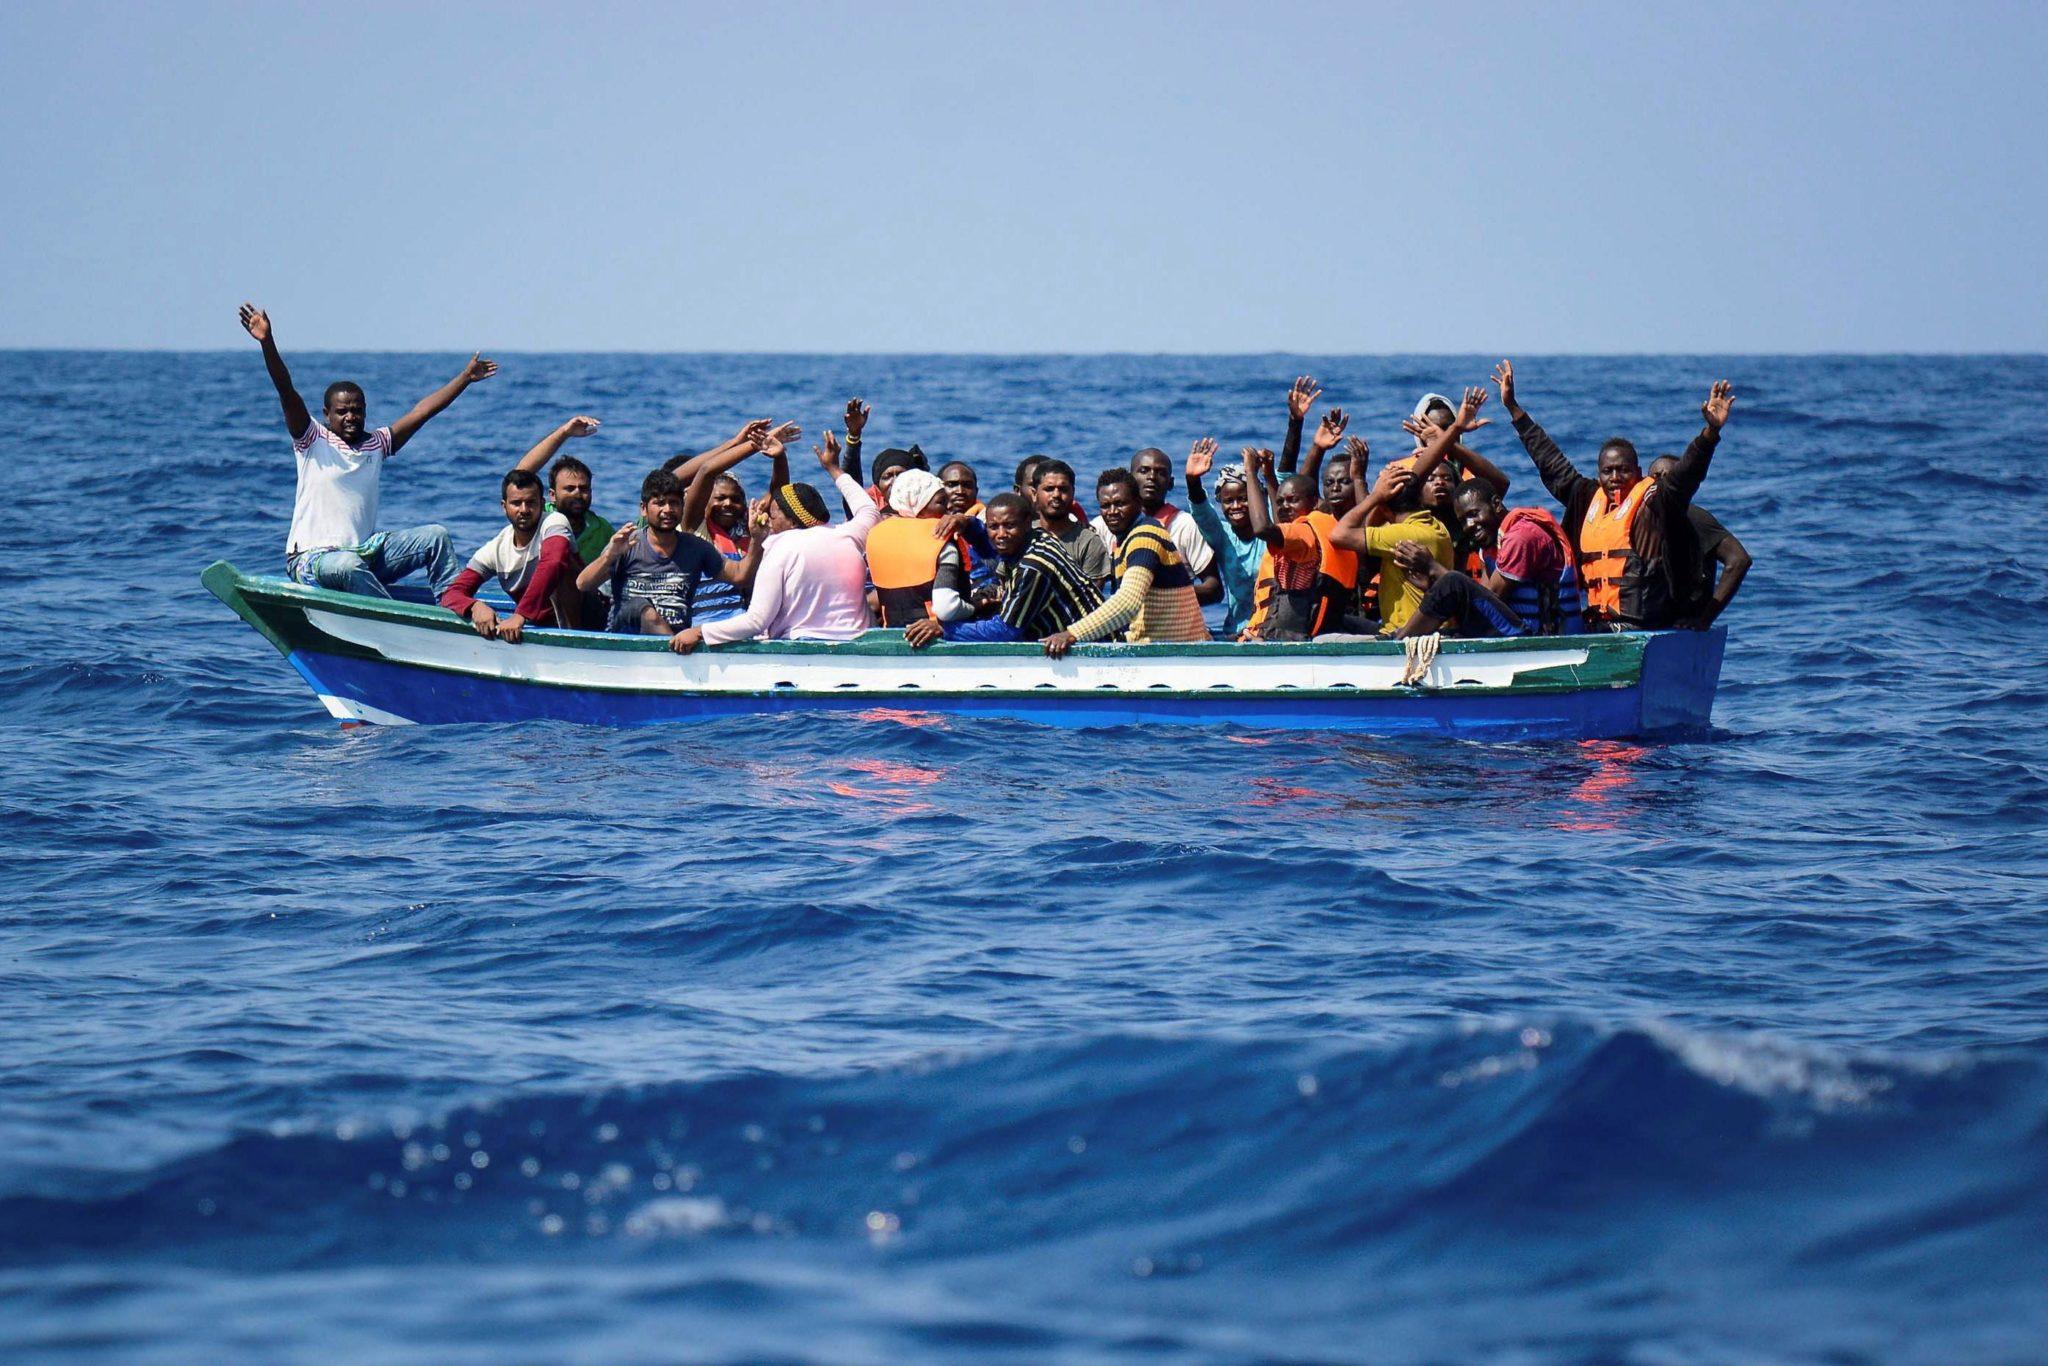 Le migrazioni al tempo dei decreti sicurezza